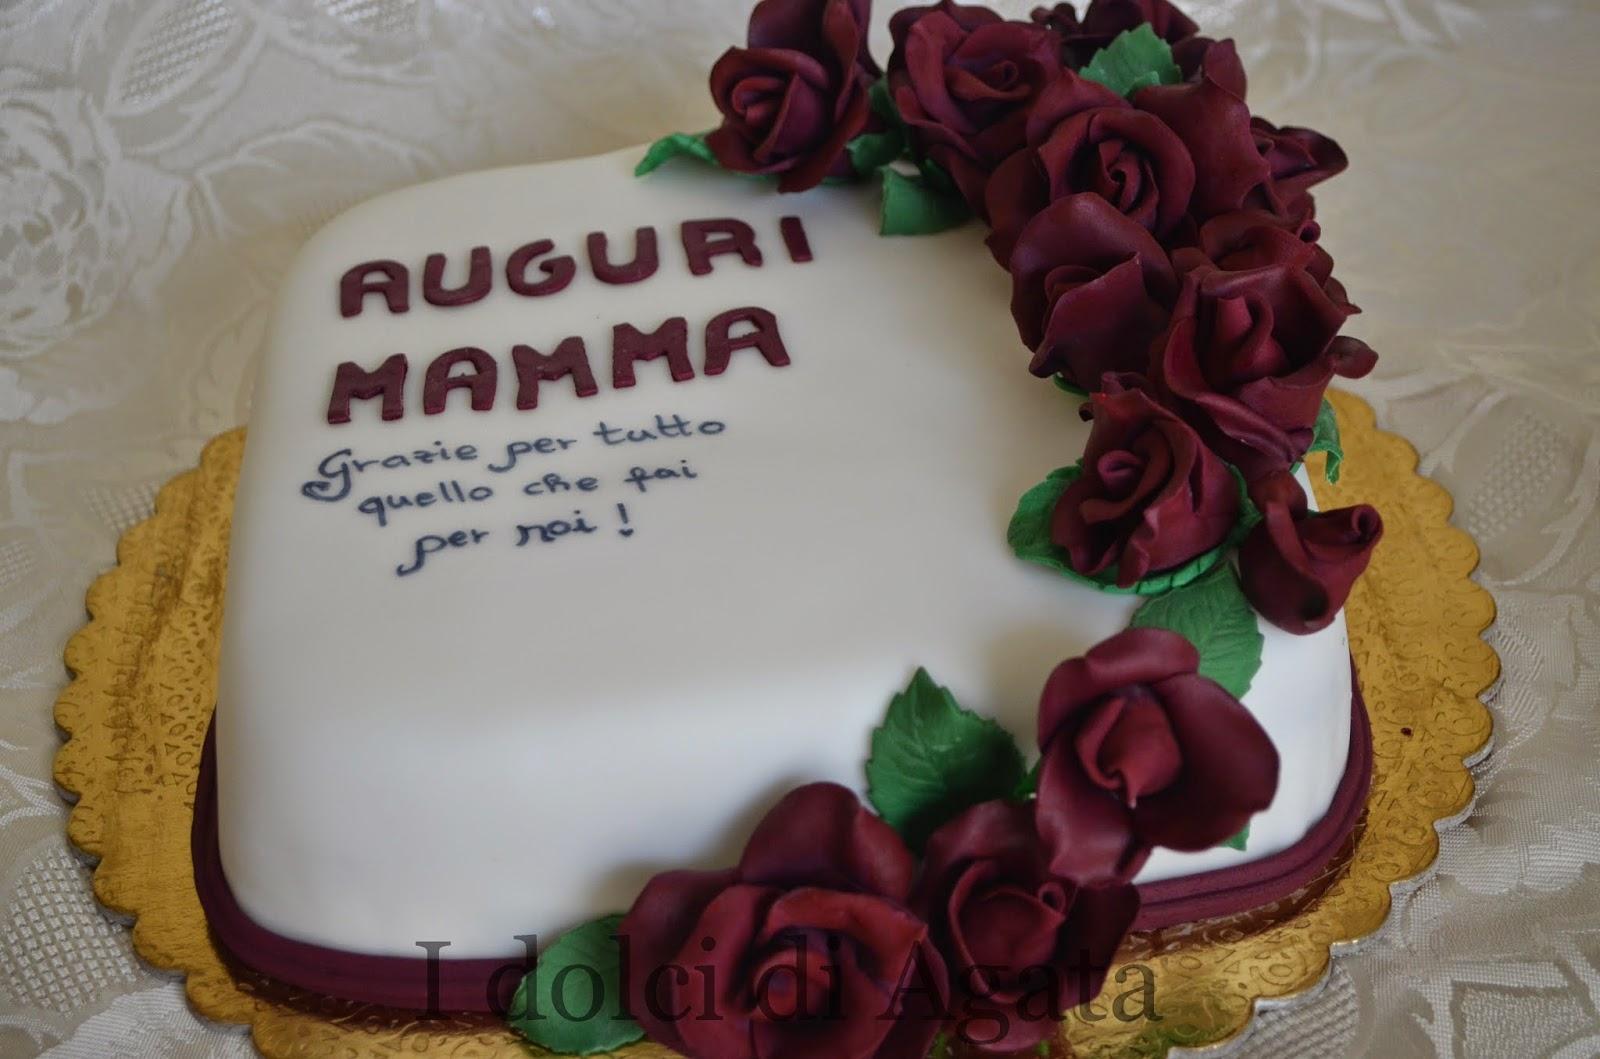 Molto I dolci di Agata e non solo !!!: Torta mamma con cascata di rose GU59